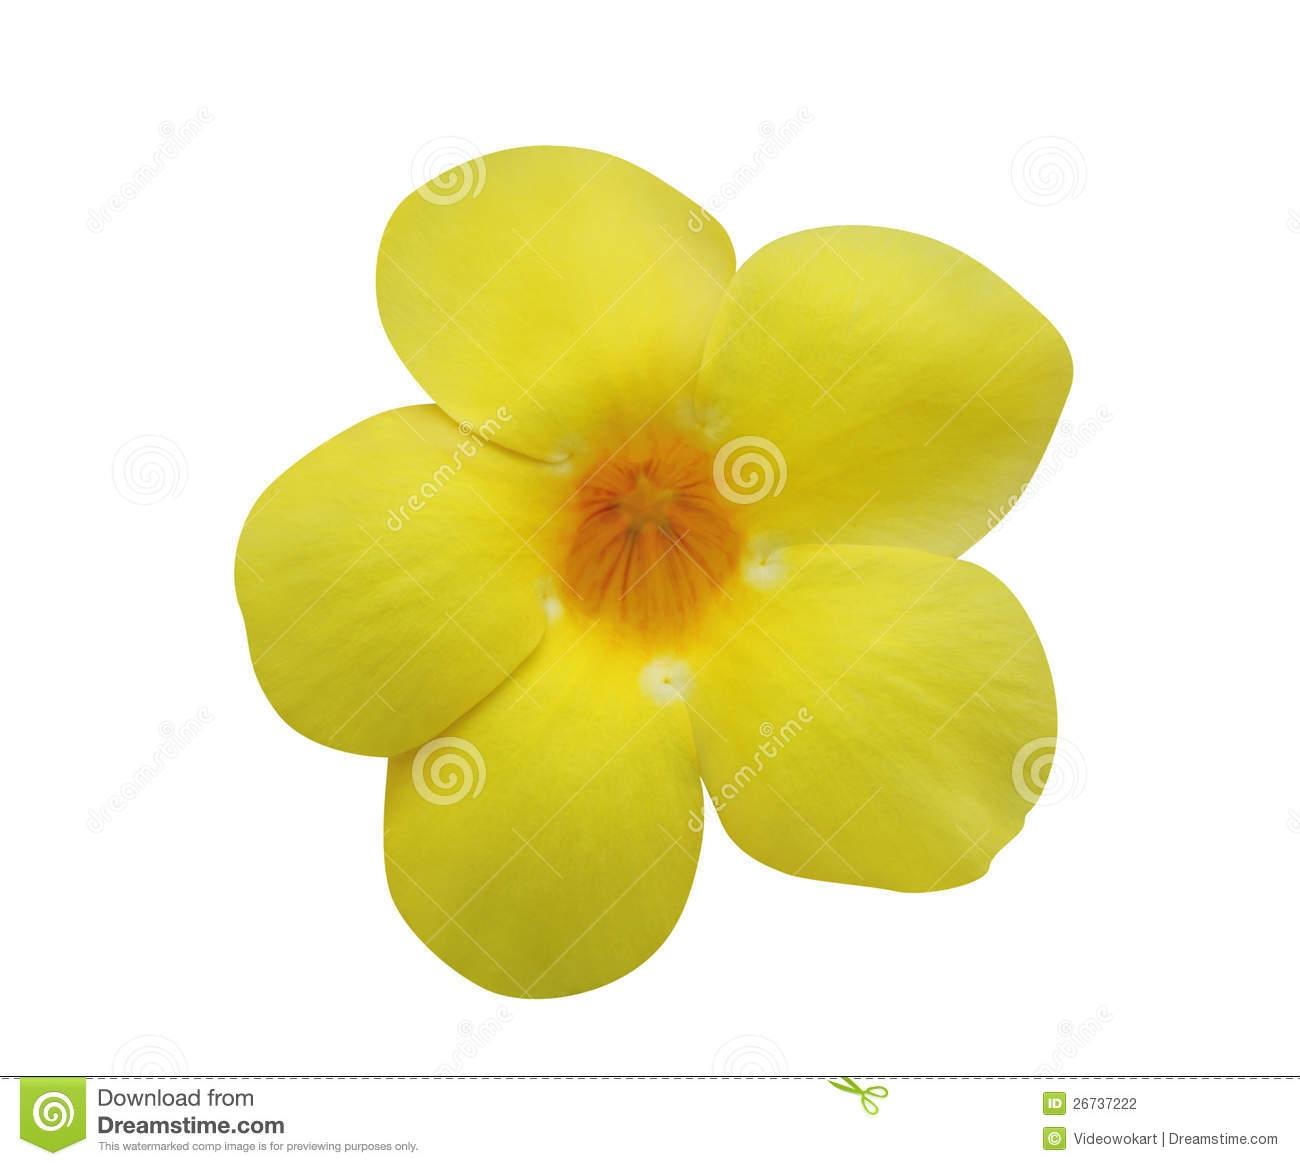 Yellow bell flower clipart.